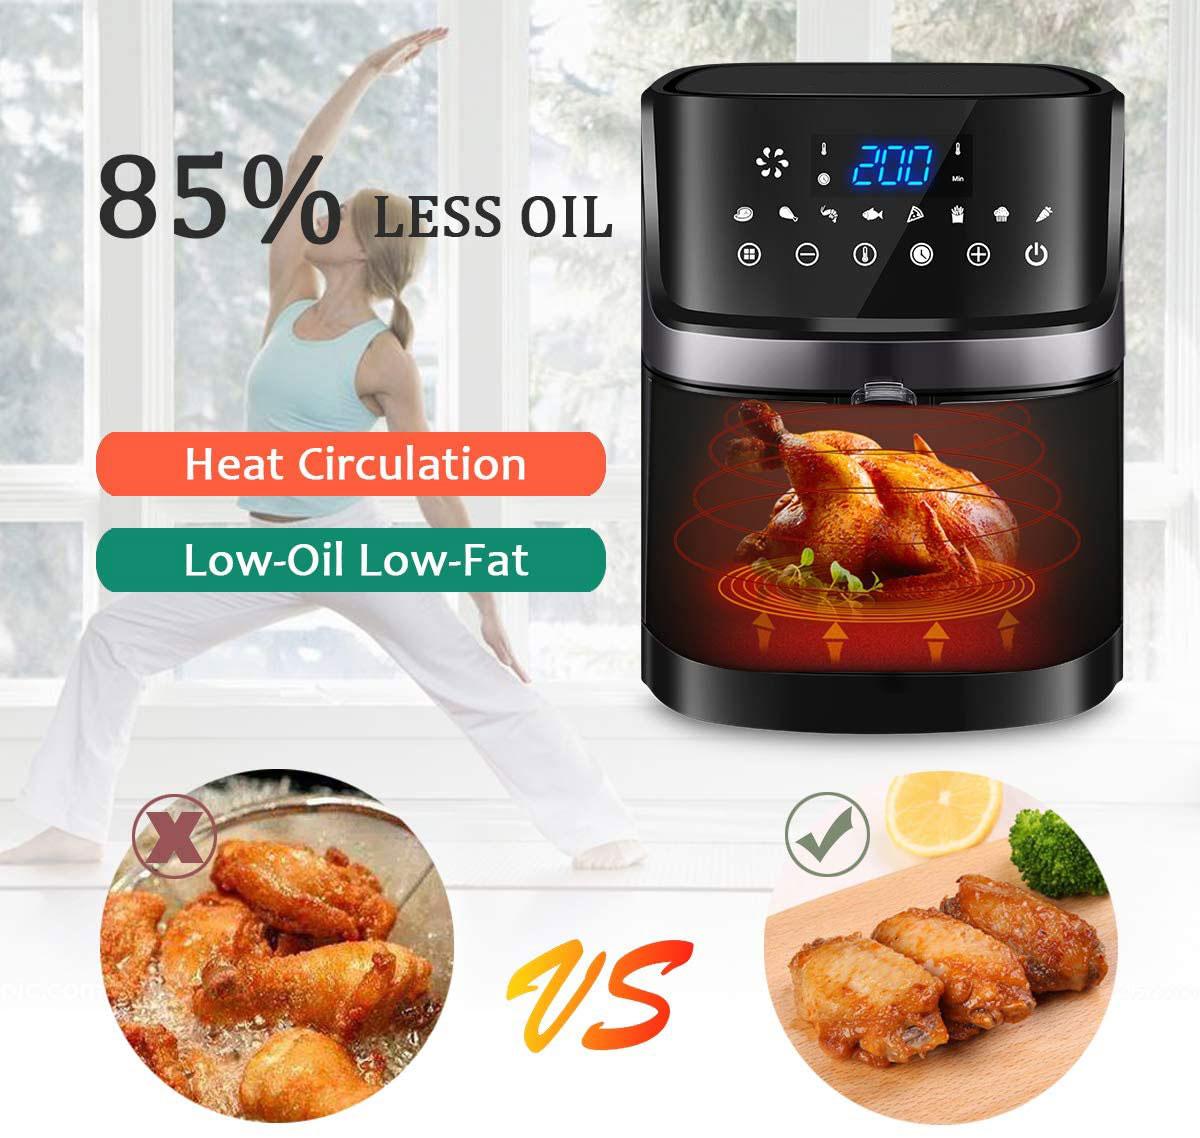 1.5L 2,6 3.2L 5,2 5.5L 7L покупателей лучшим аэрофритюрница для приготовления блюд без горячый мини-стойки воздуха фритюрница без масла как видно по воздуха фритюрница без масла